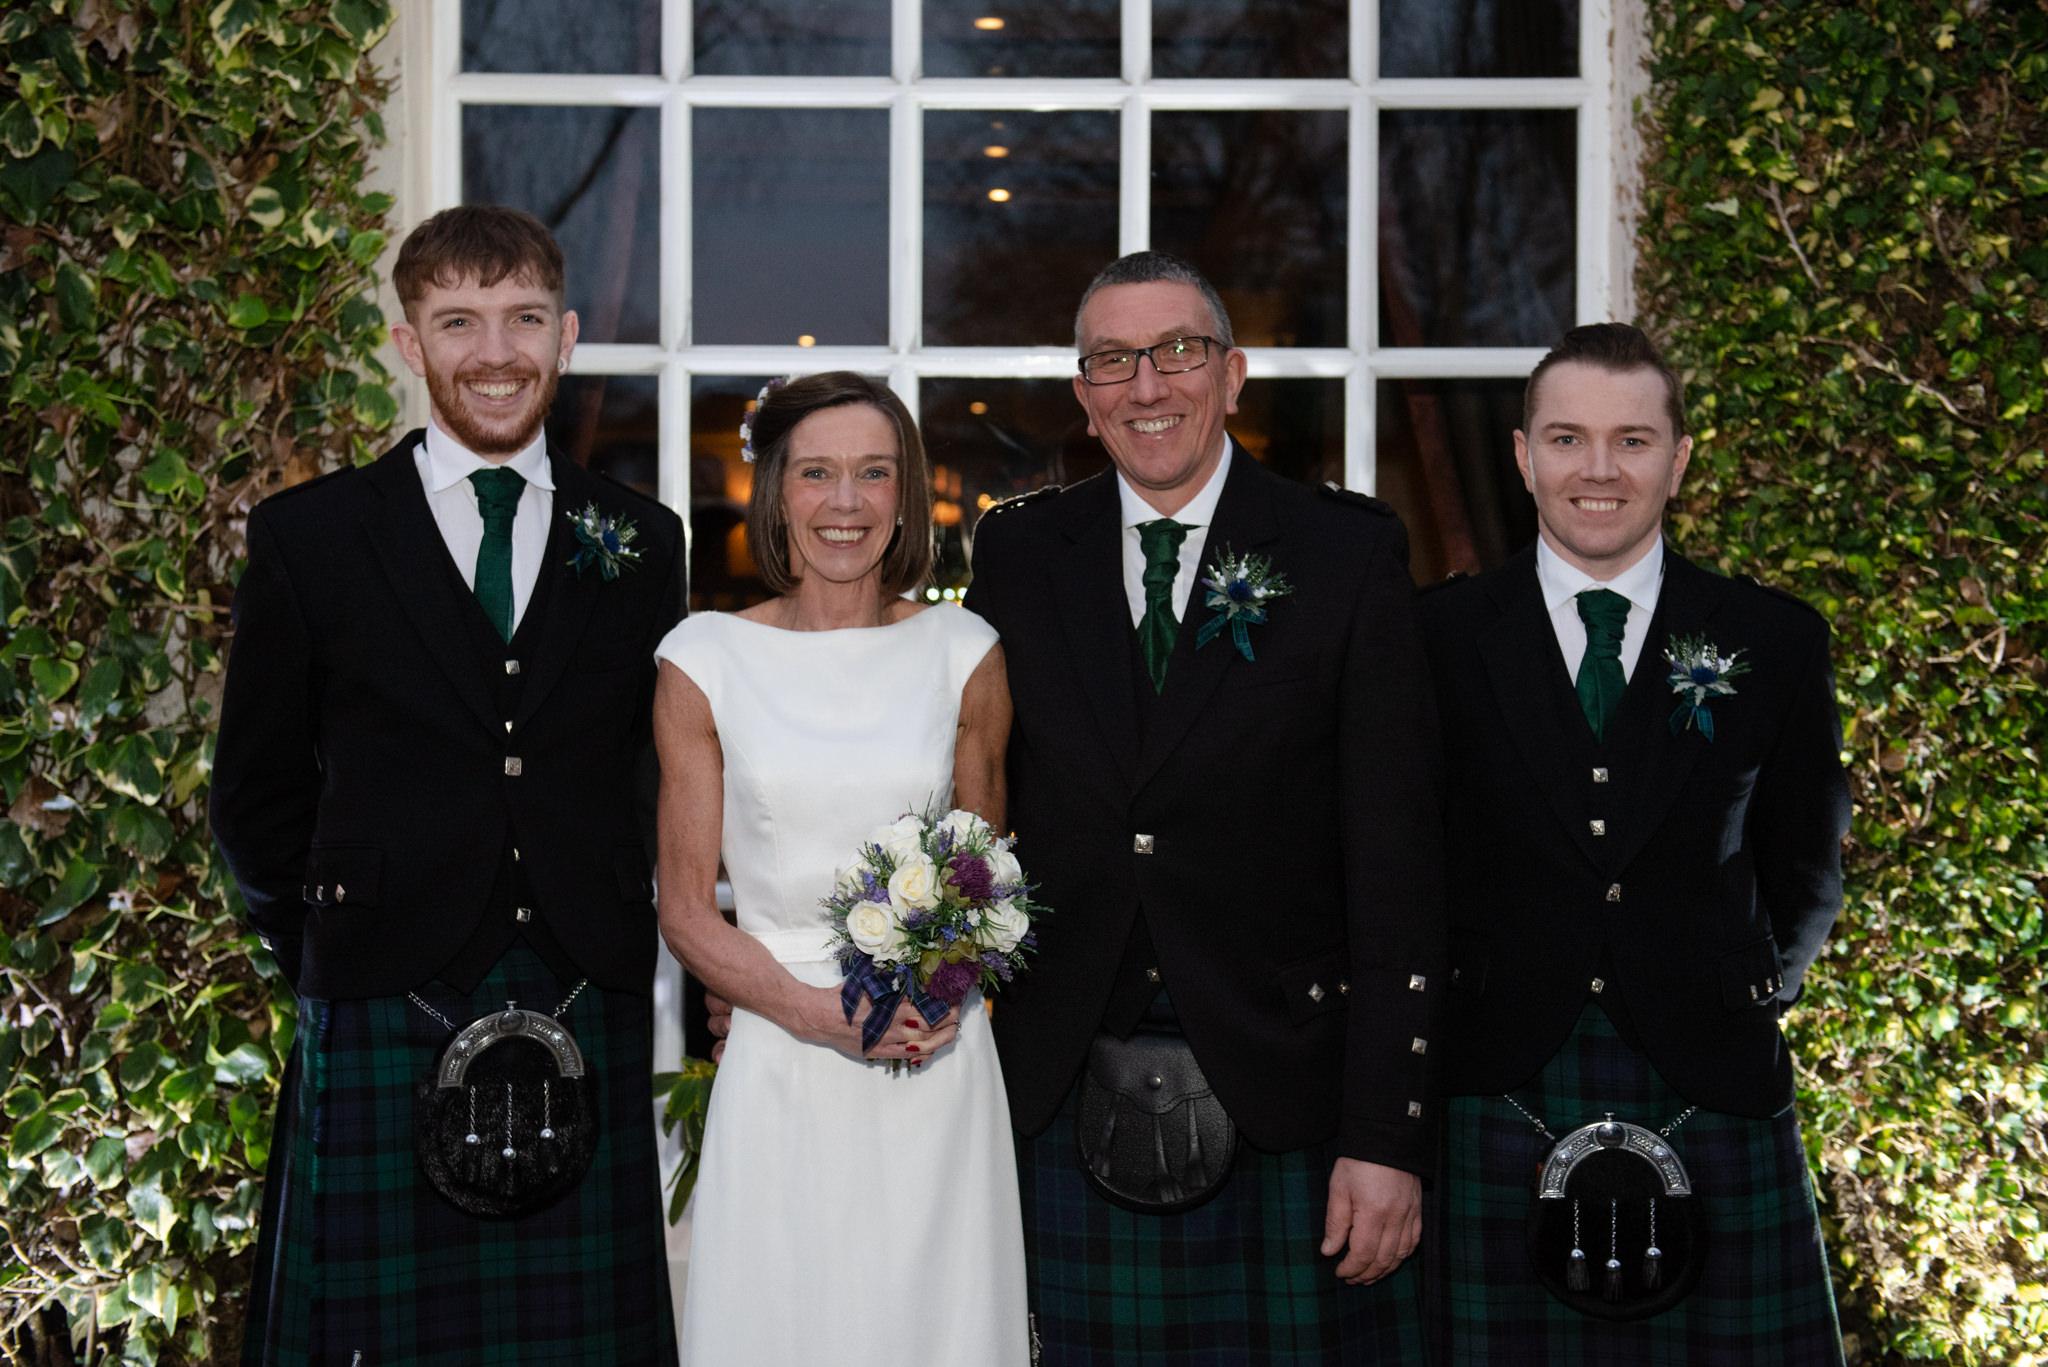 Meg and Ian's wedding - © Julie Broadfoot / Juliebee - www.photographybyjuliebee.co.uk- © Julie Broadfoot / Juliebee - www.photographybyjuliebee.co.uk